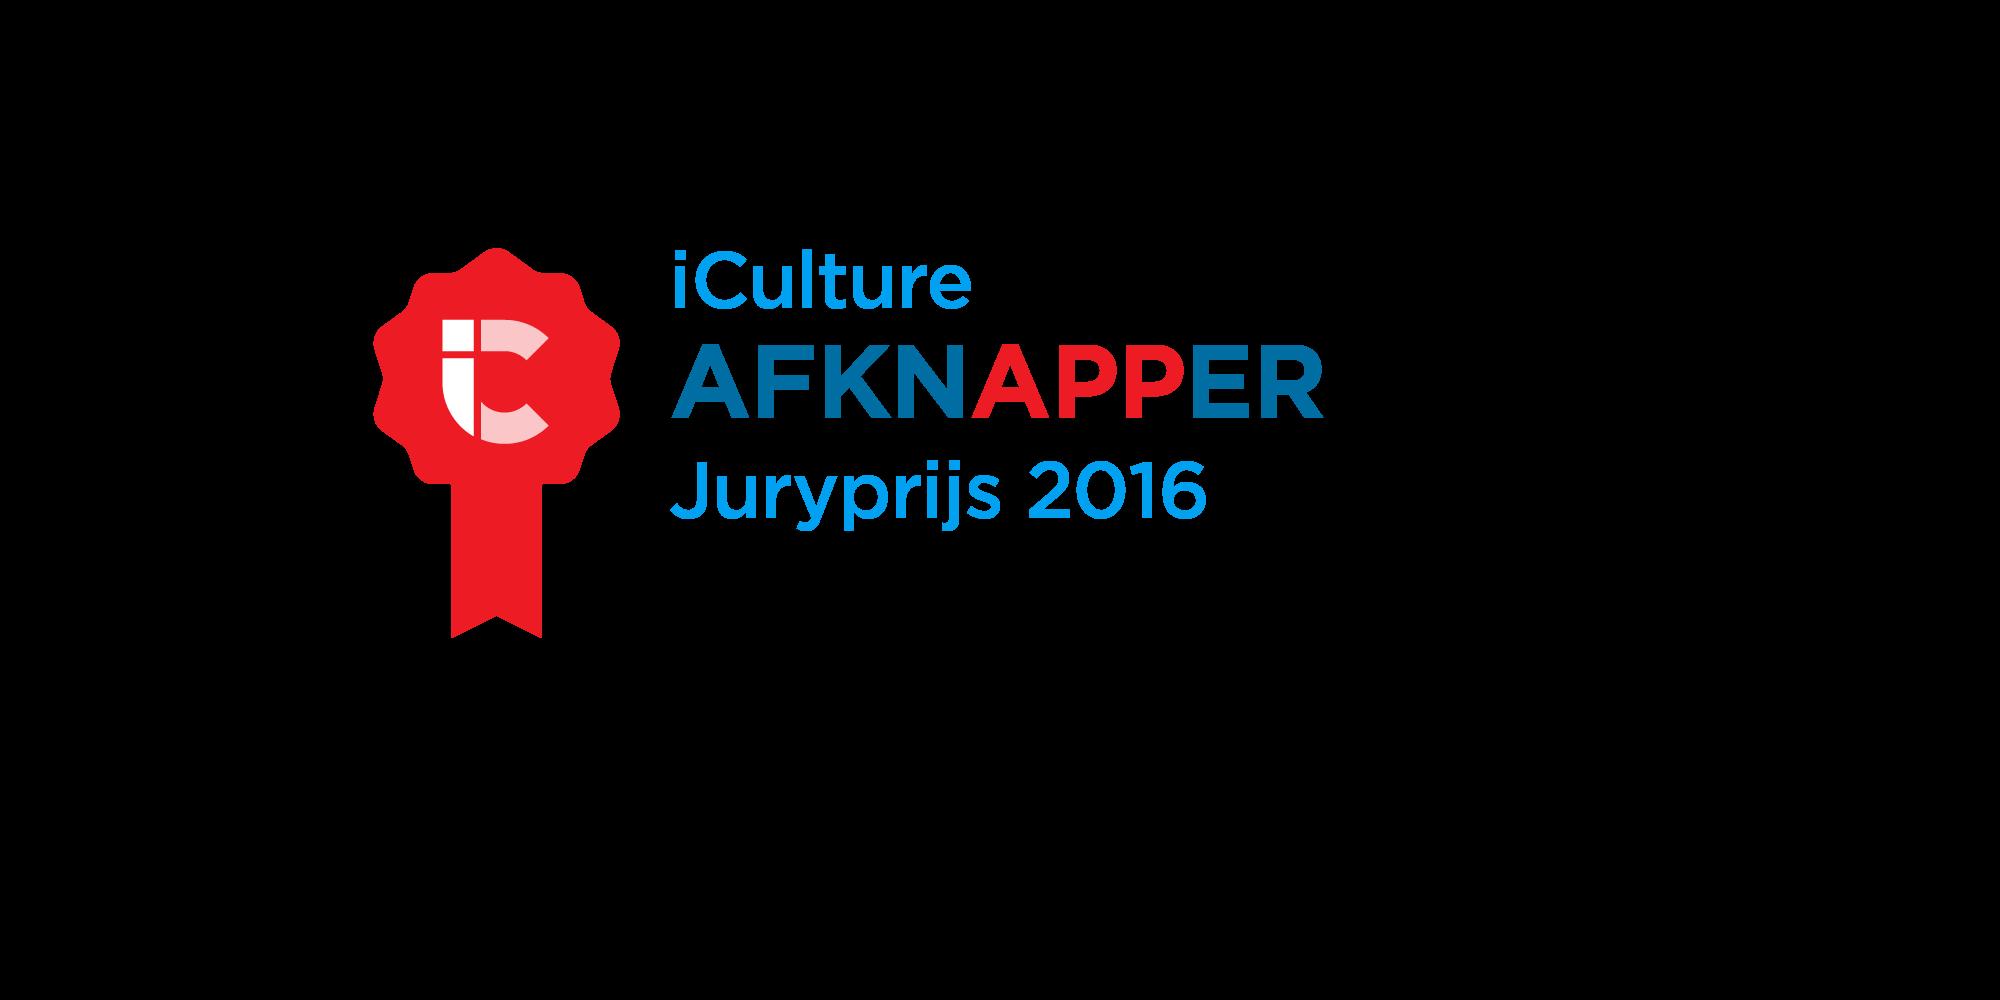 iCulture AfknAPPer 2016